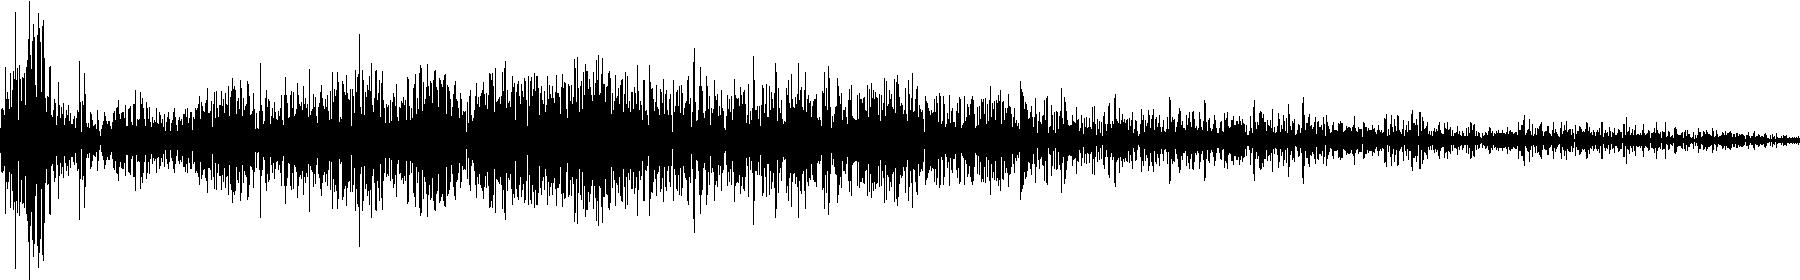 veh2 synths   025 c